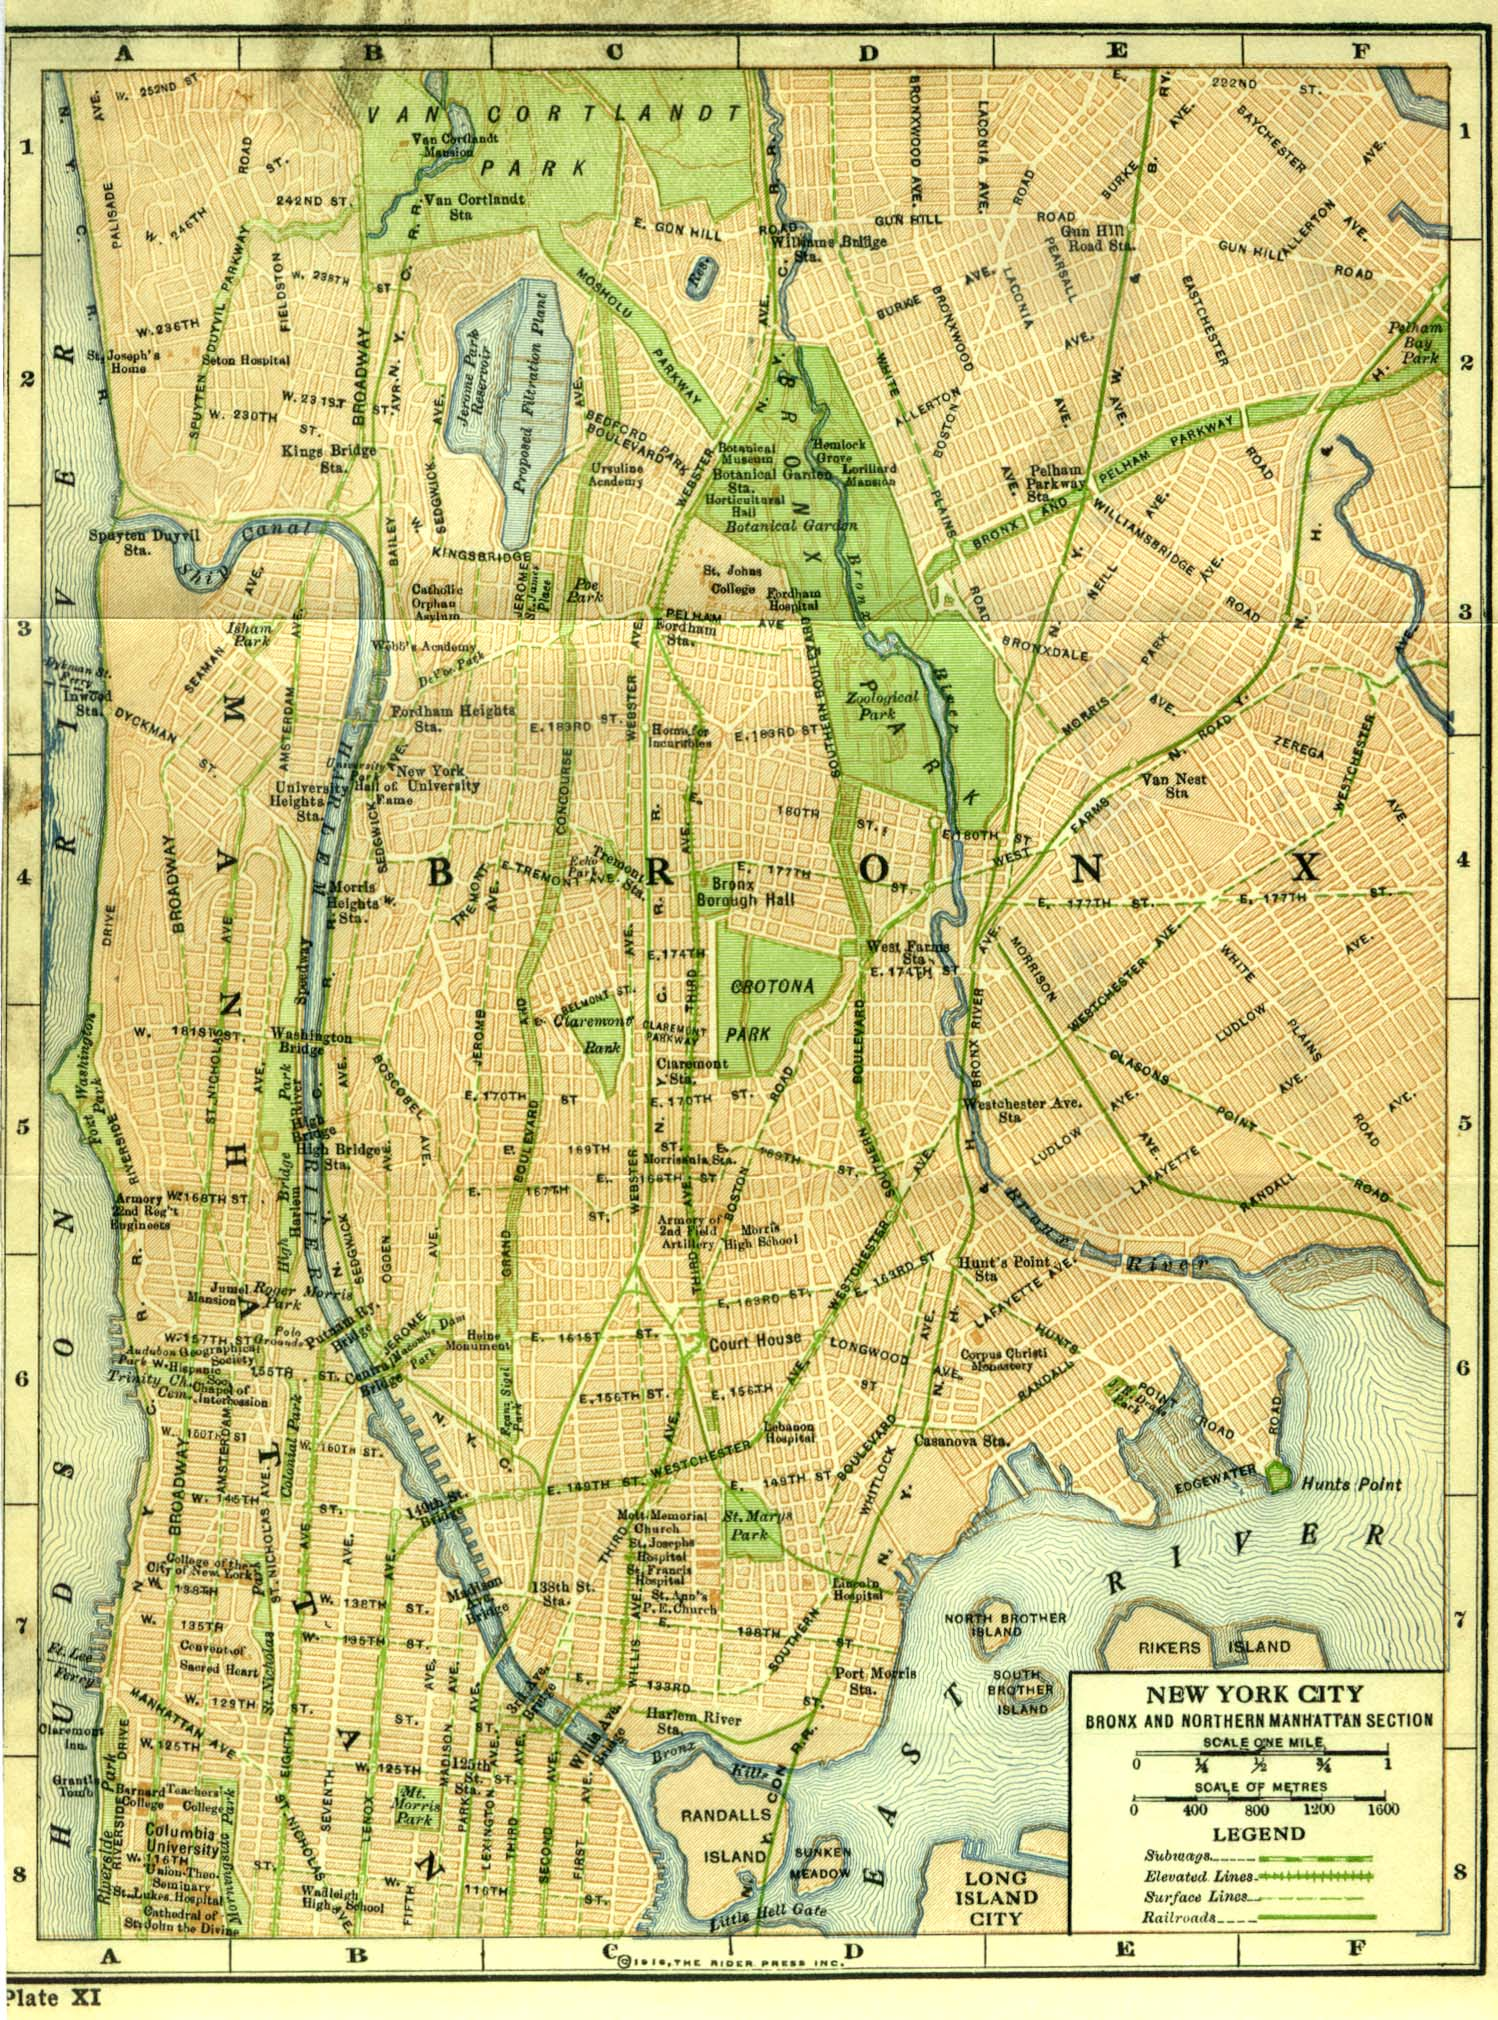 Bronx and Northern Manhattan Map, New York City, New York, United States 1916